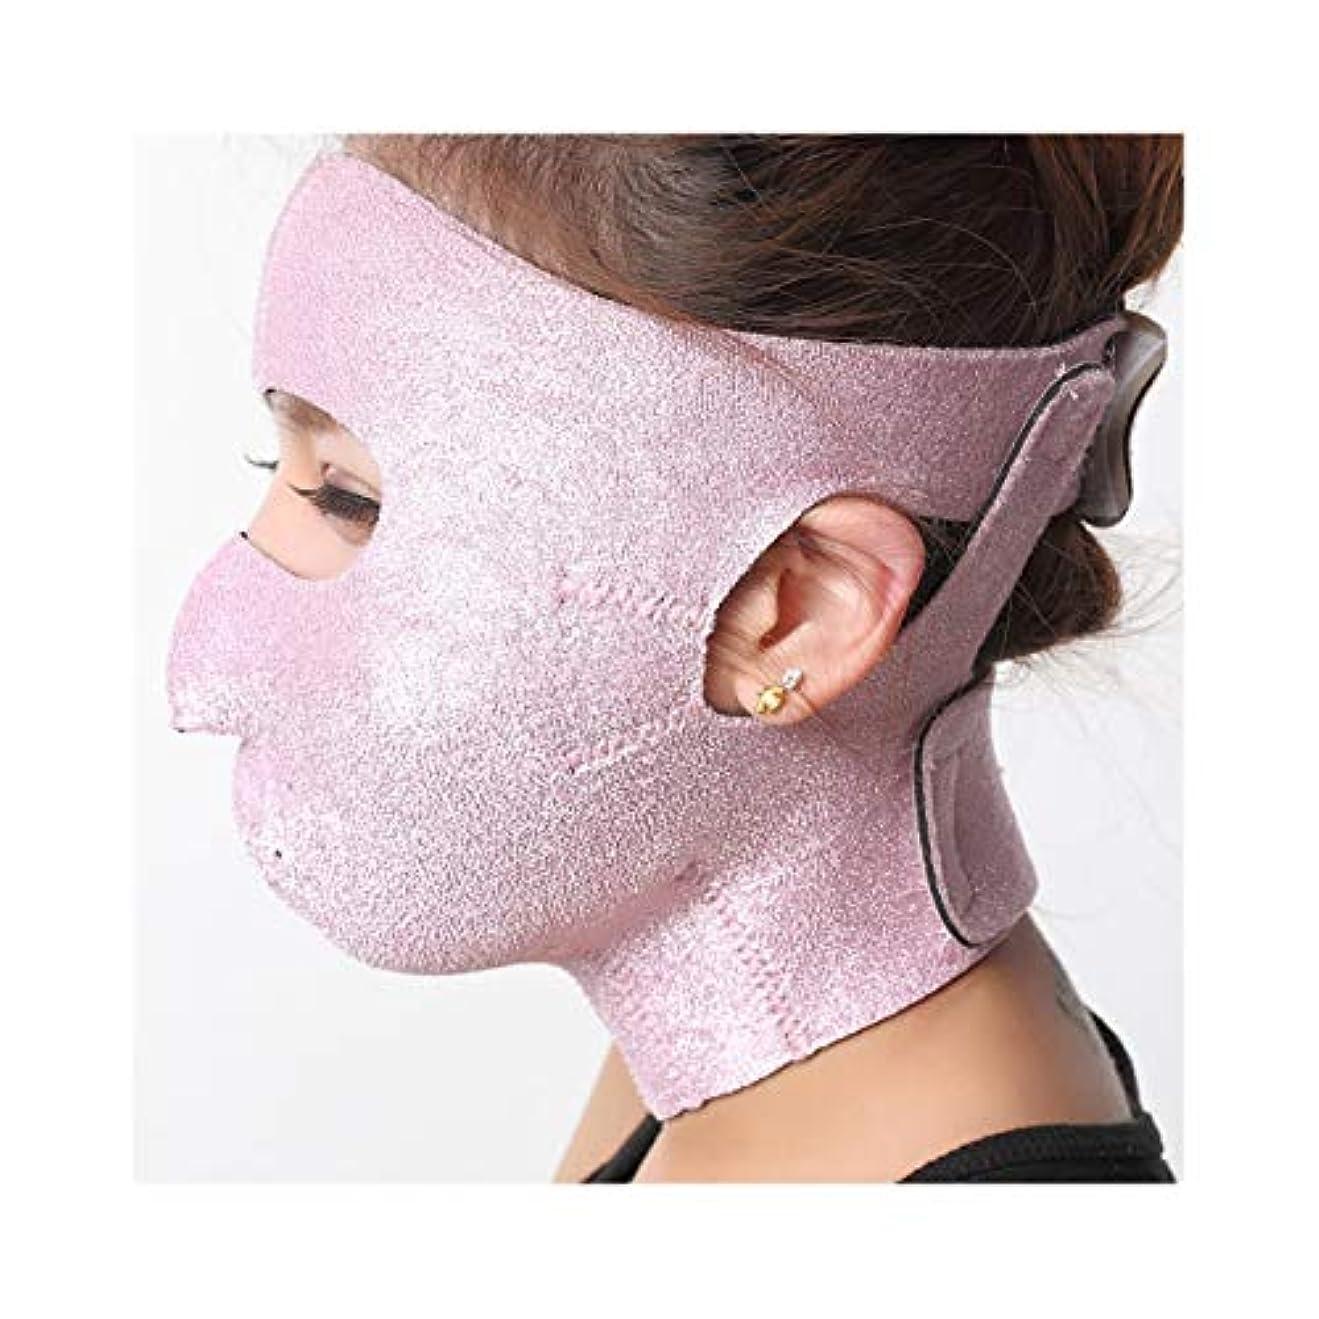 運命害叫び声TLMY 引き締めマスク小さなVフェイスアーティファクト睡眠薄いフェイス包帯マスクと引き締めマスク引き締めクリームフェイスリフトフェイスメロン 顔用整形マスク